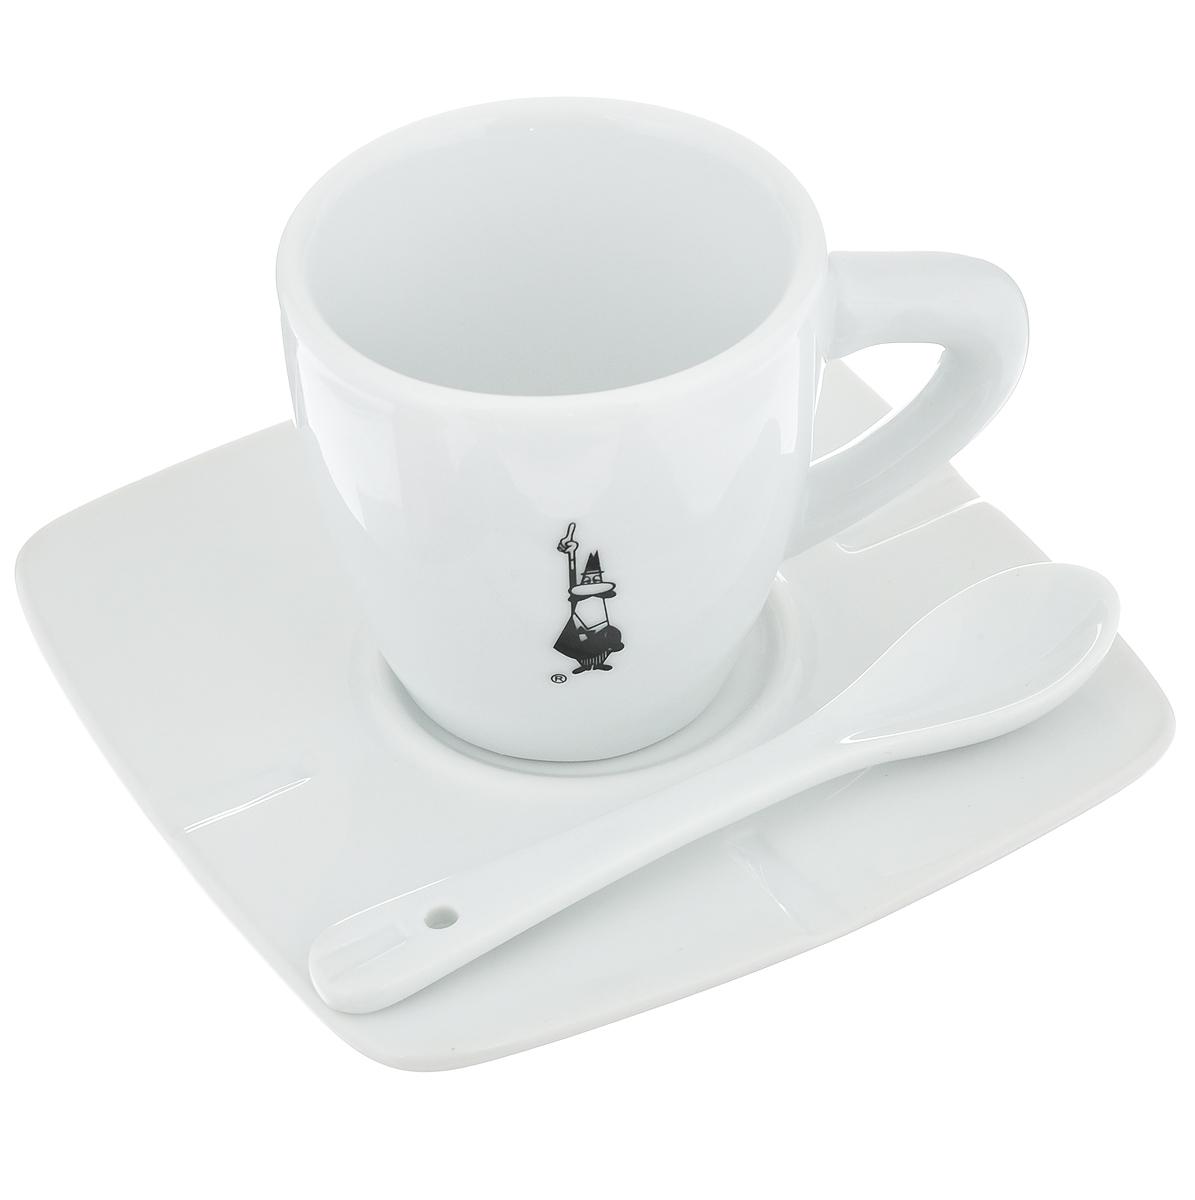 Набор для кофе Bialetti, цвет: белый, черный, 3 предмета98920020Набор для кофе Bialetti состоит из чашки, блюдца и ложки, изготовленных из фарфора. Набор классического дизайна станет изысканным и желанным подарком любителю настоящего кофе. Можно мыть в посудомоечной машине. Объем чашки: 80 мл. Высота чашки: 6 см. Диаметр чашки: 6 см. Размер блюдца: 11,4 см х 11,4 см. Длина ложки: 10,5 см. Размер рабочей части ложки: 3,5 см х 2 см. Дизайн: Италия.